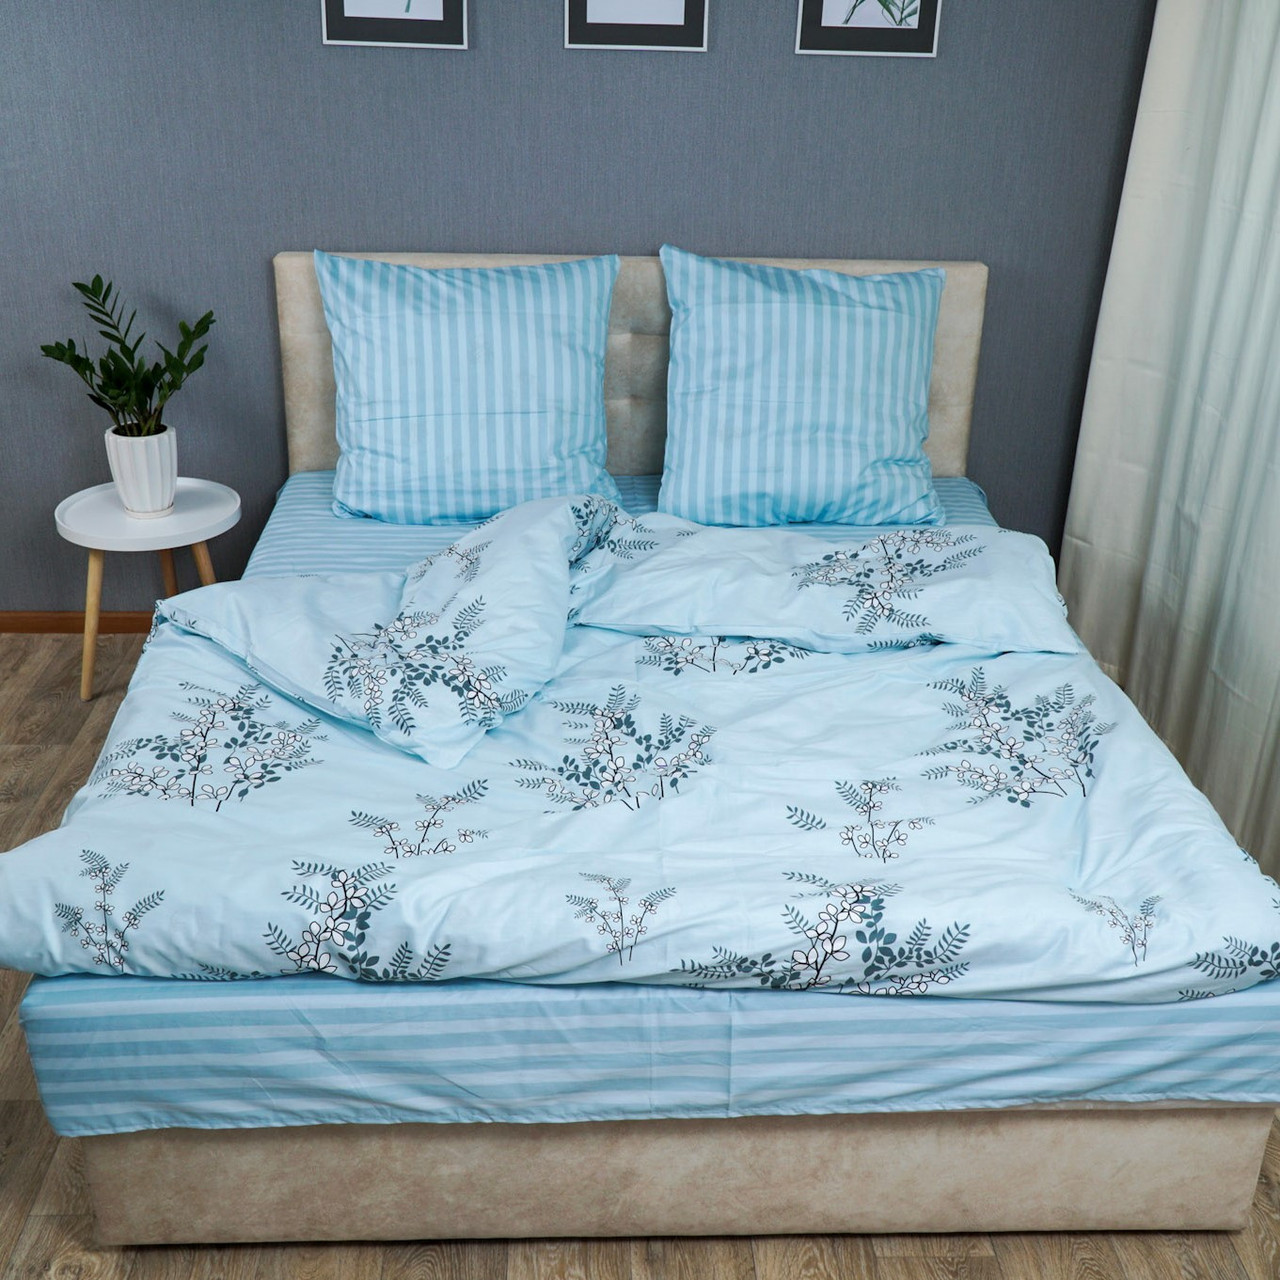 Комплект постельного белья KrisPol «Уют» 200x220 Сатин